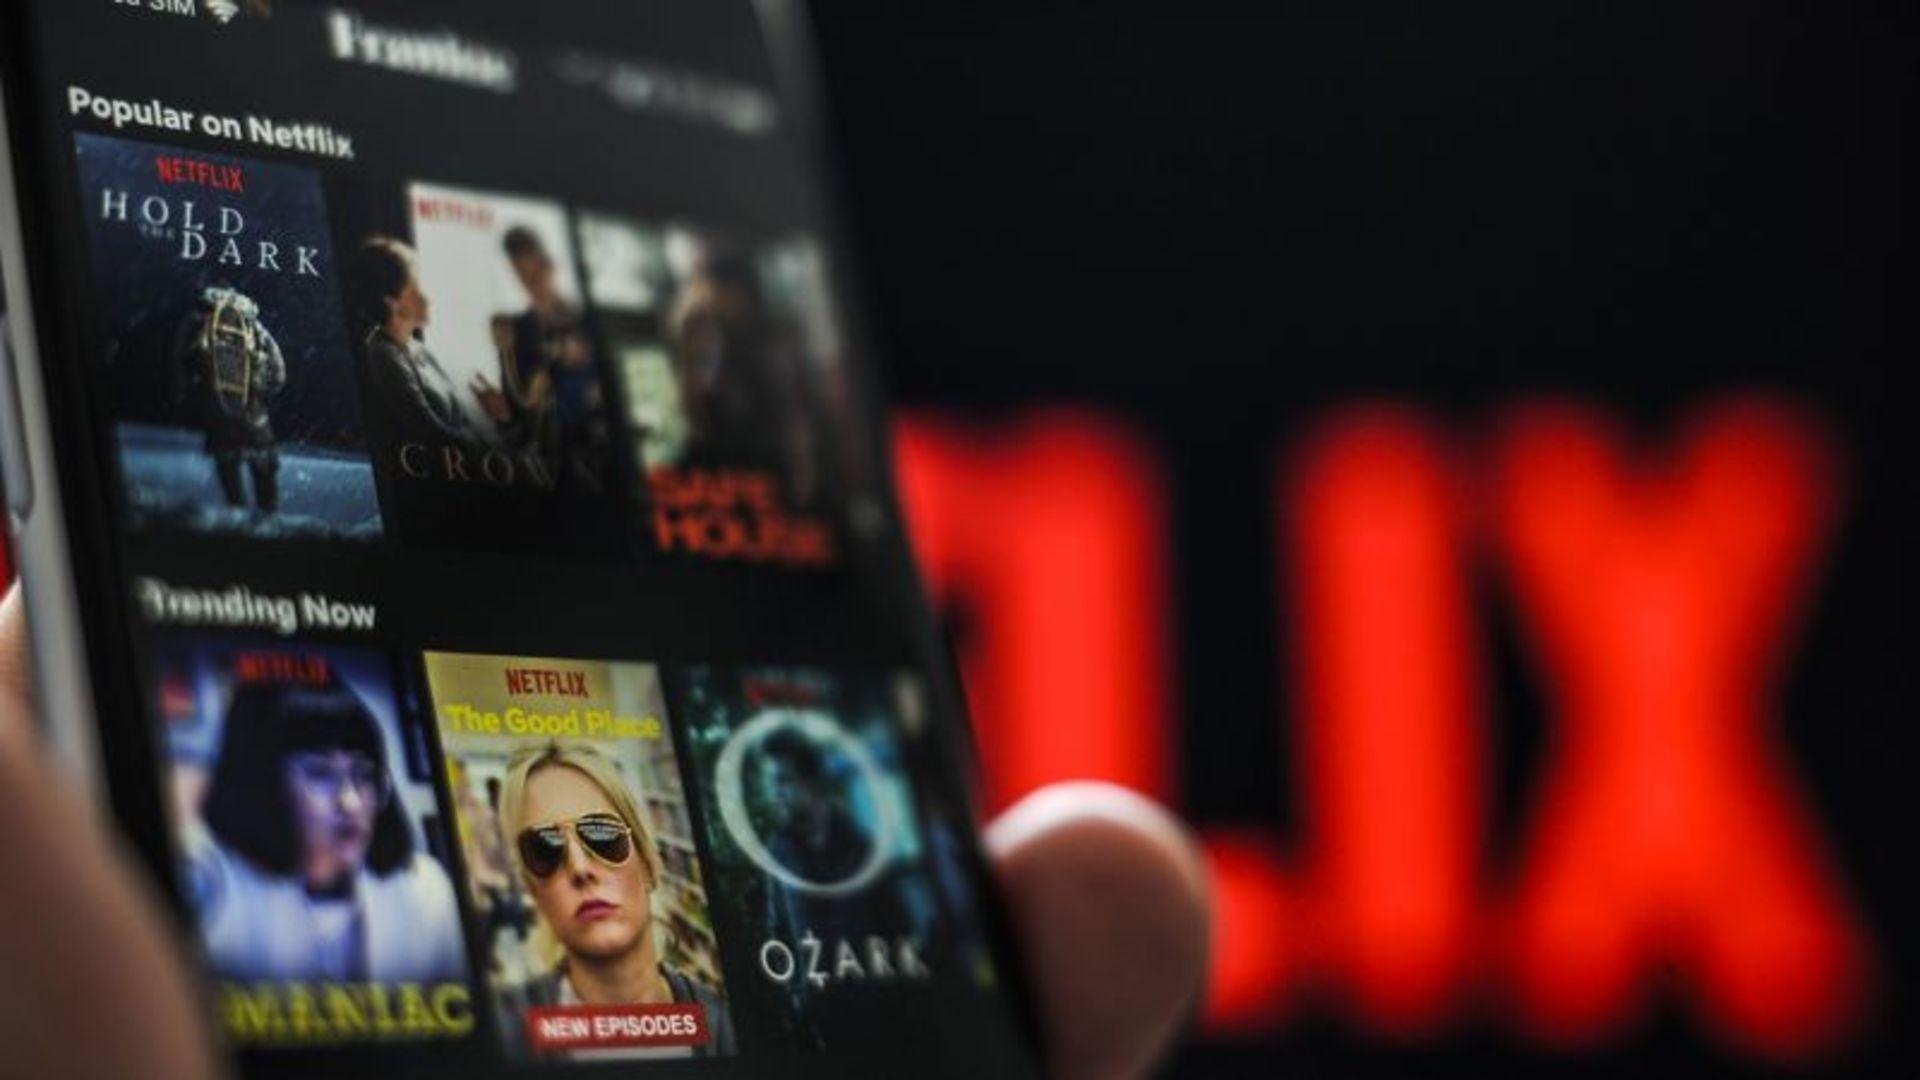 Netflix draait binnenkort weer op originele bitrate